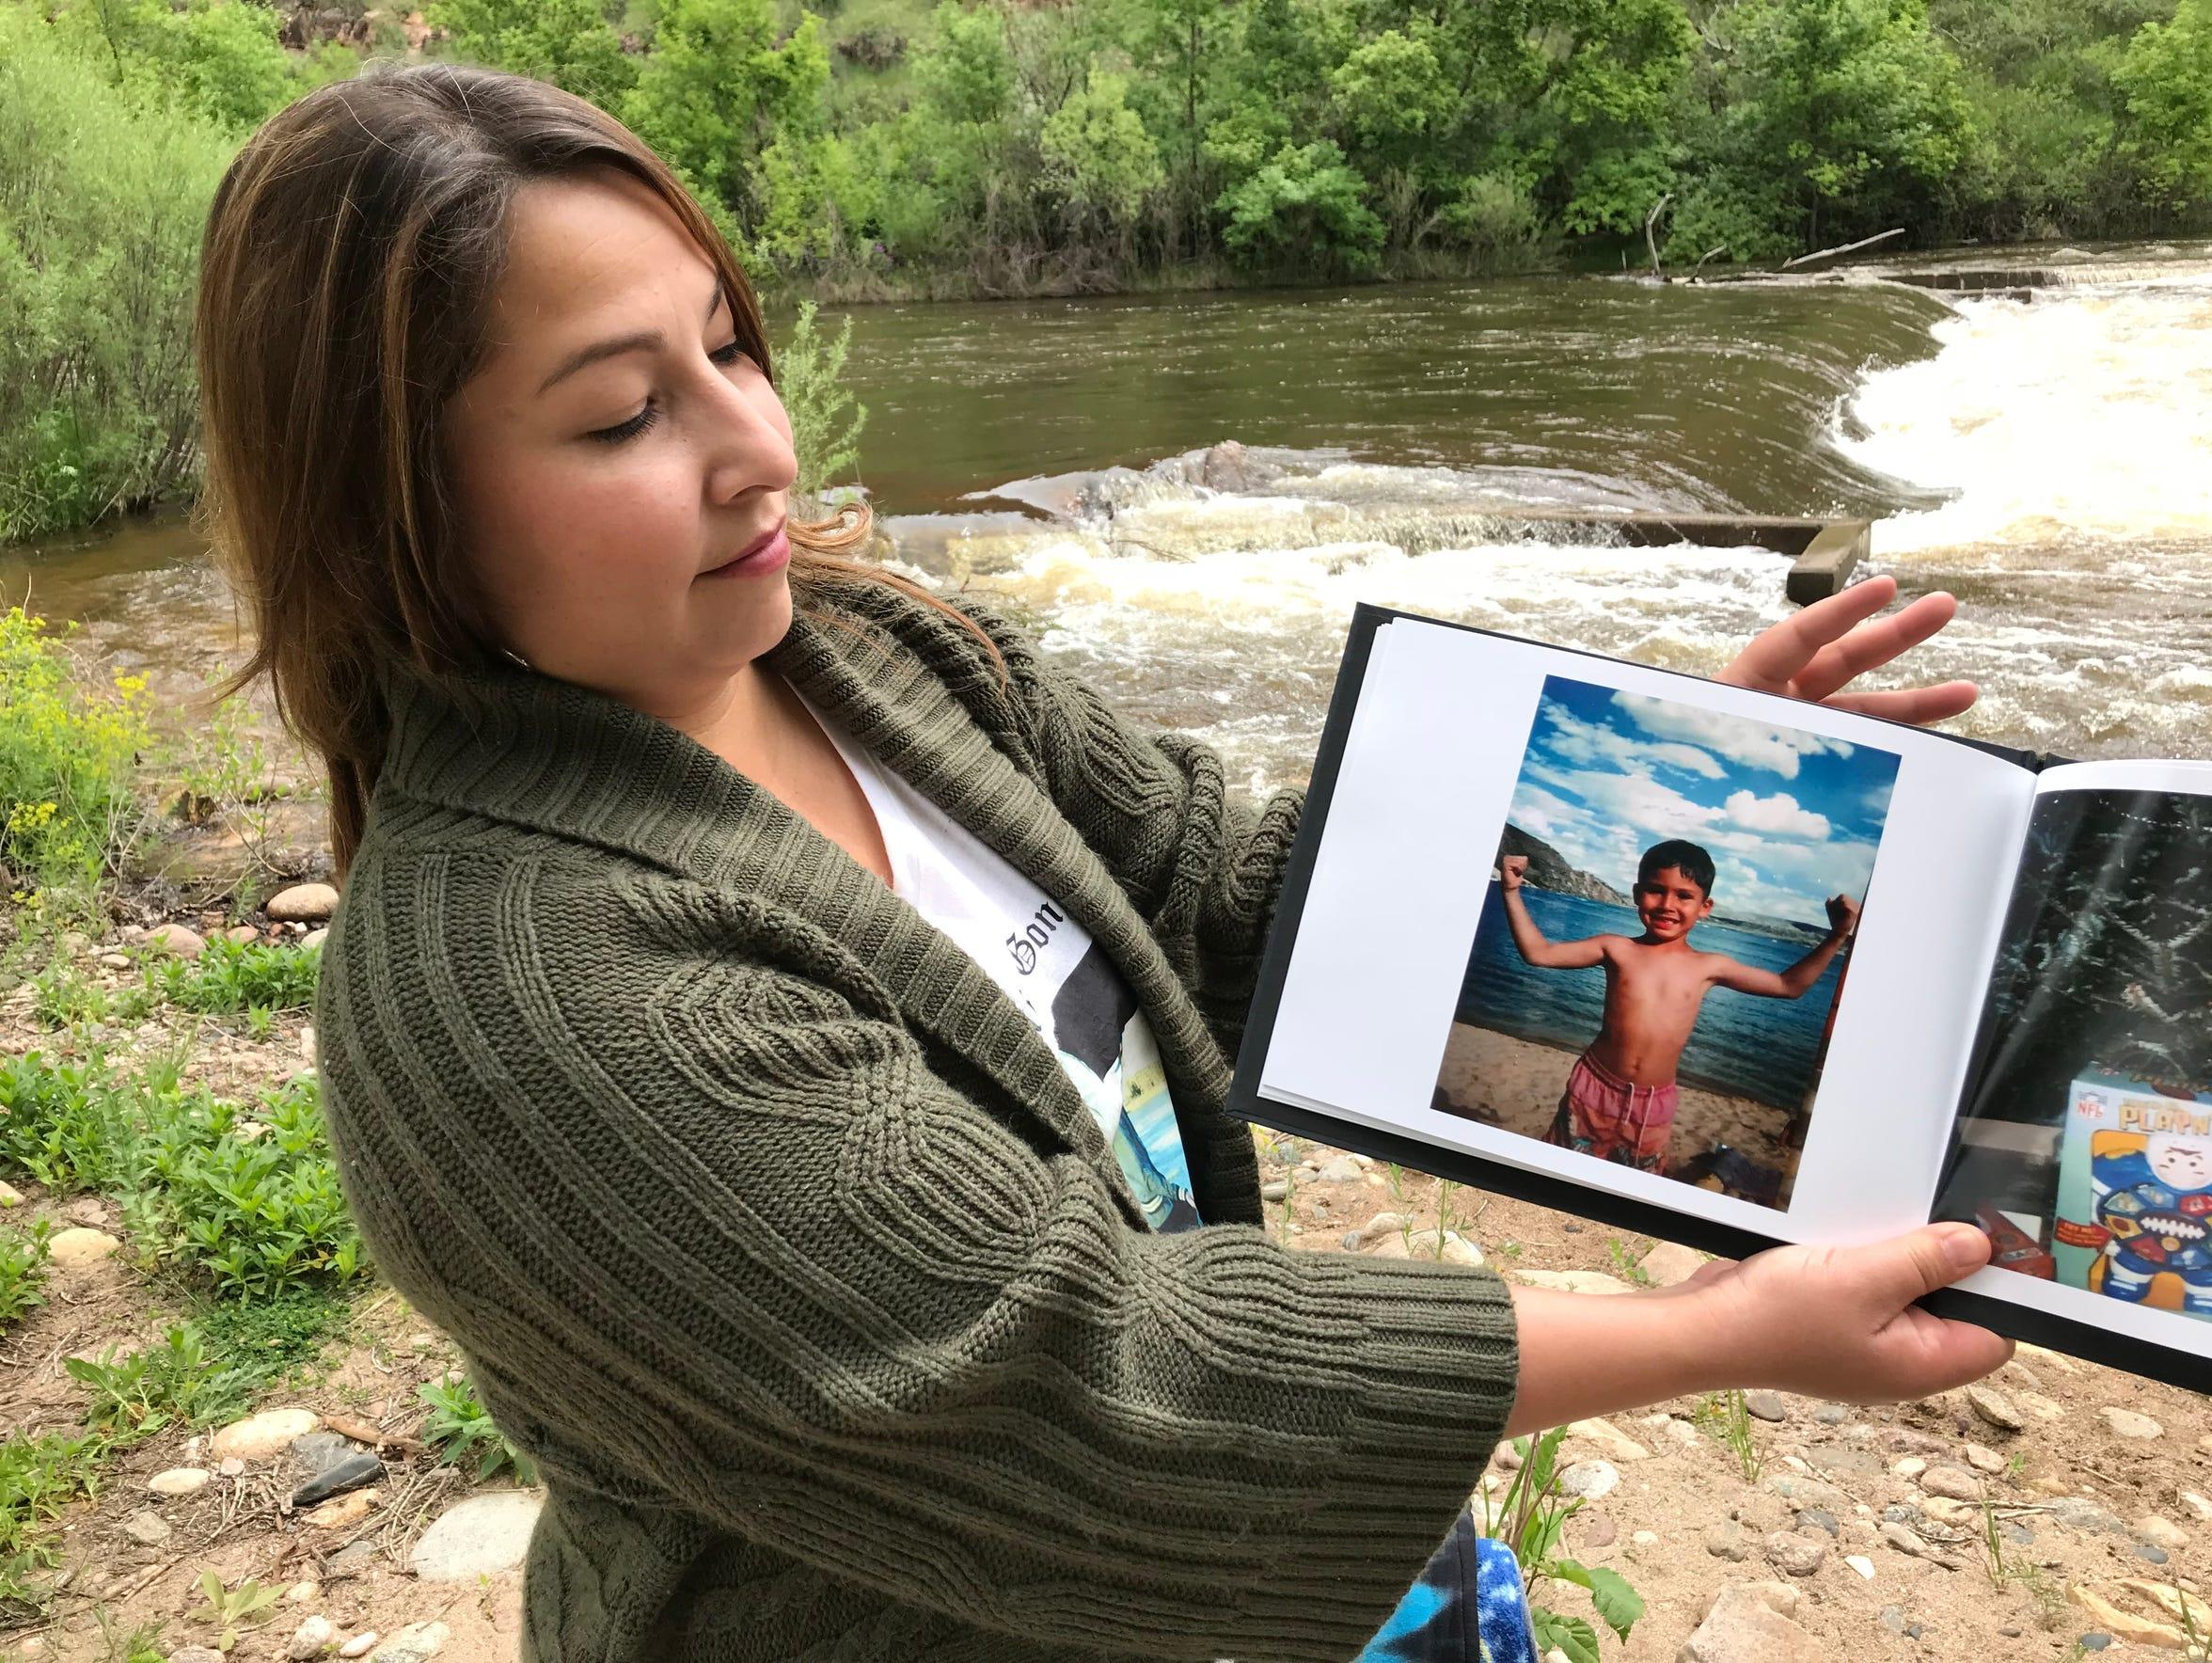 Amy Barcenas shows photos of her son Maximilian Lopez,